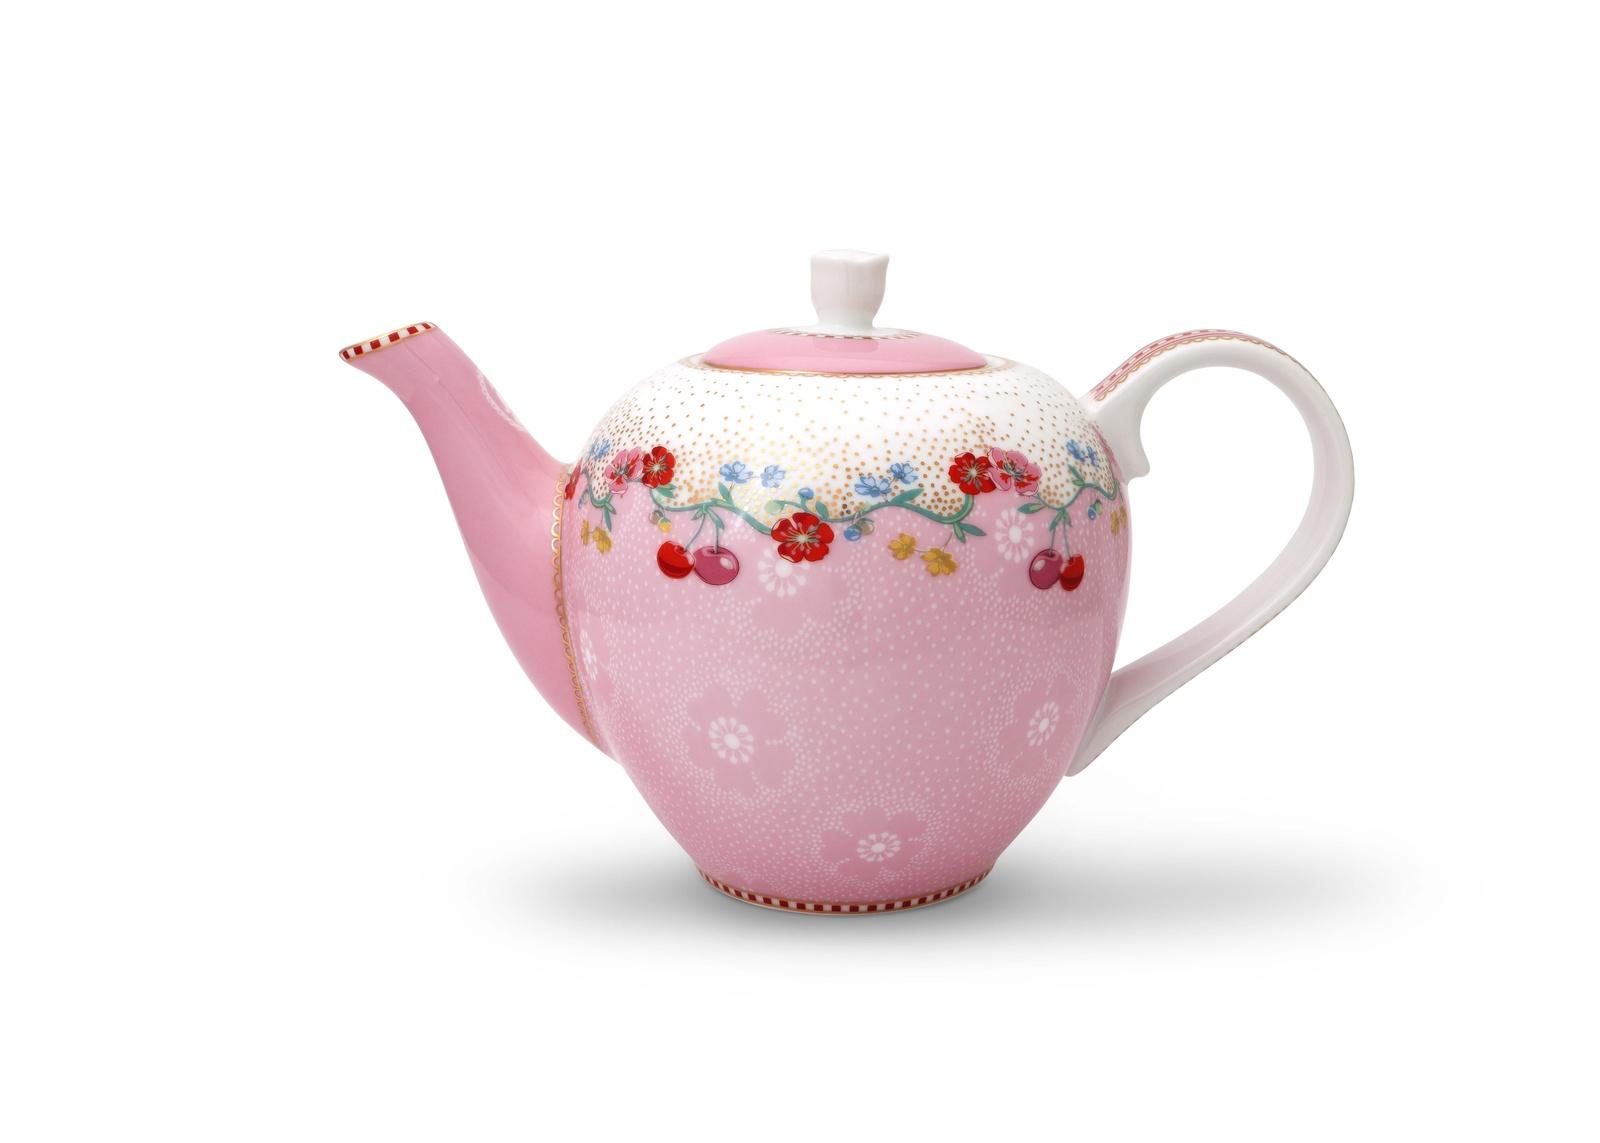 Чайник маленький Pip Studio Cherry Pink, 0,75л51.005.032- Объём: 750мл. Материал: Фарфор. Цвет: мультиколор. Размер: длина 8,5, ширина 8,5, высота 10,5 . Не использовать в микроволновой печи